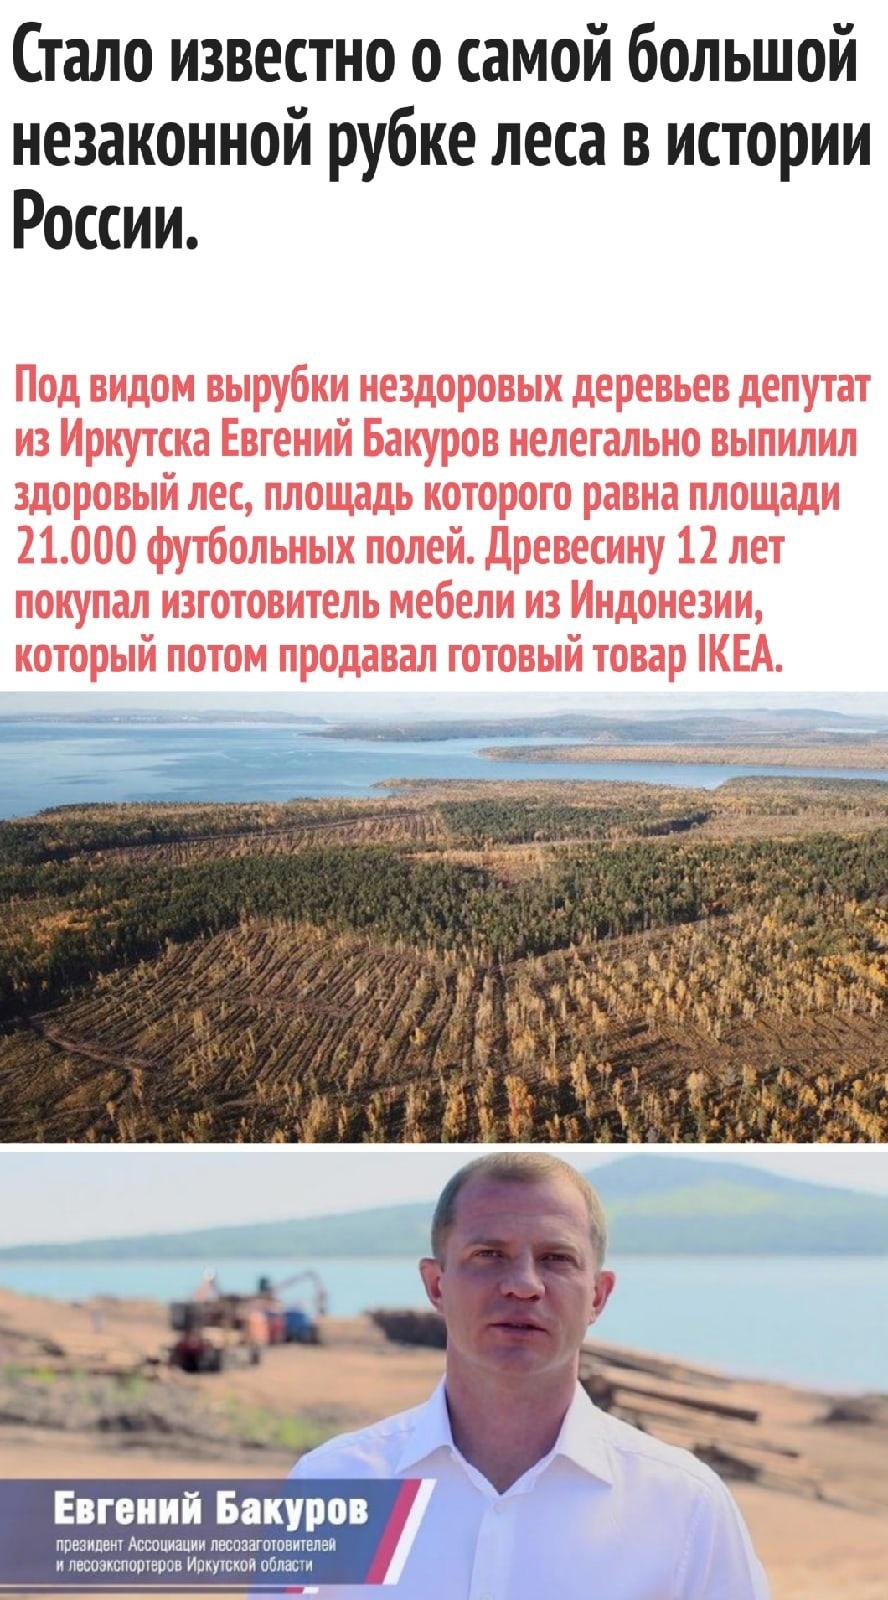 Депутат оказался замешан в незаконной вырубке леса